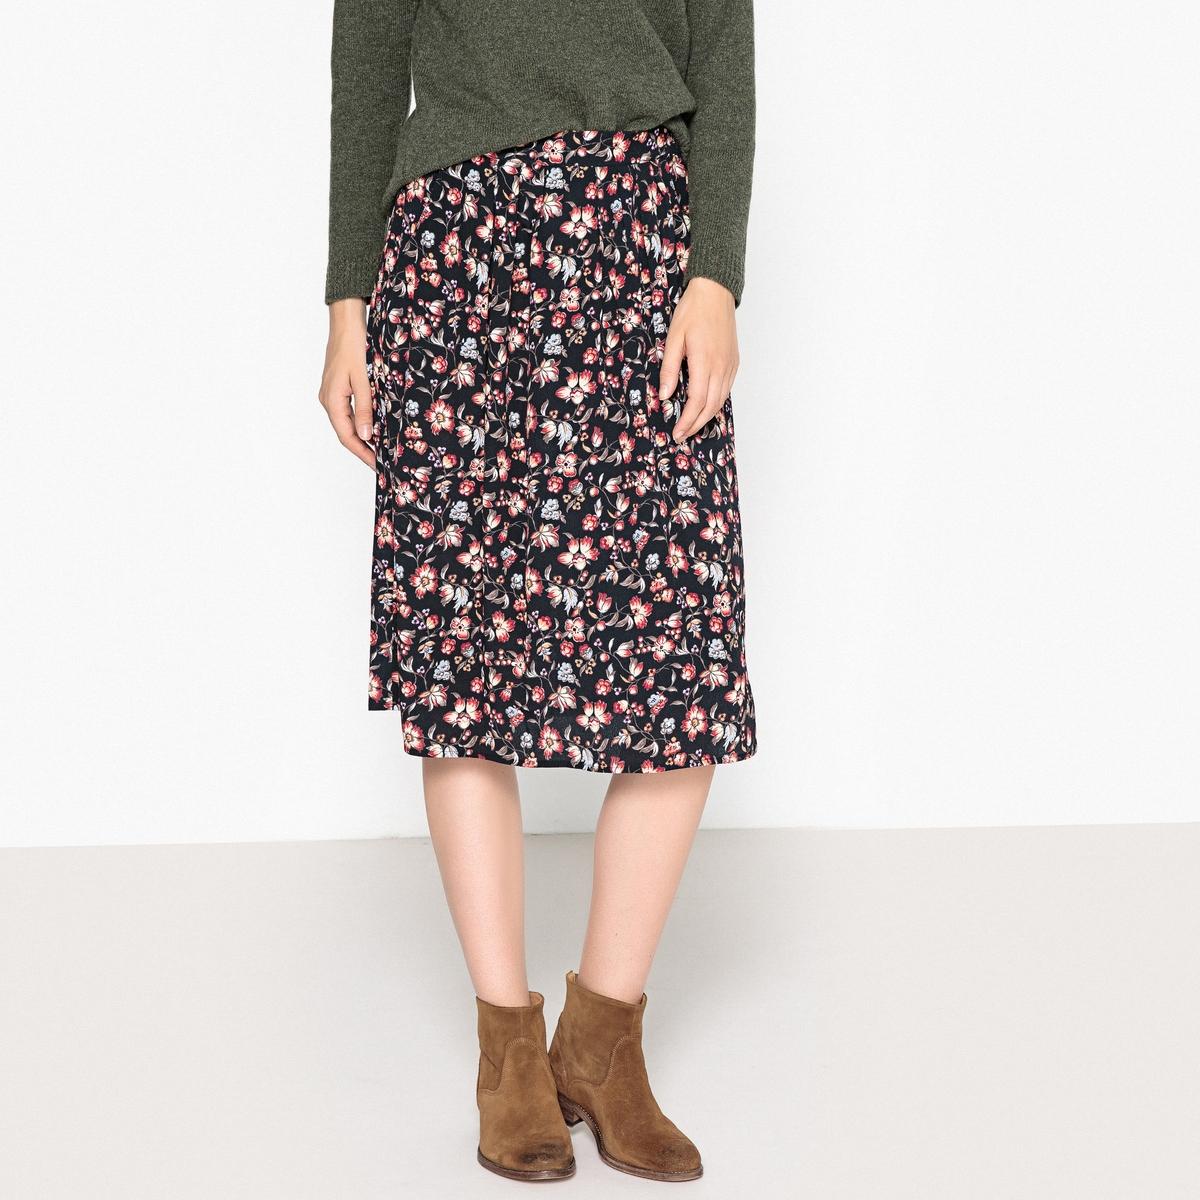 Юбка расклешённая укороченная EDITE юбка расклешённая с рисунком crysalide